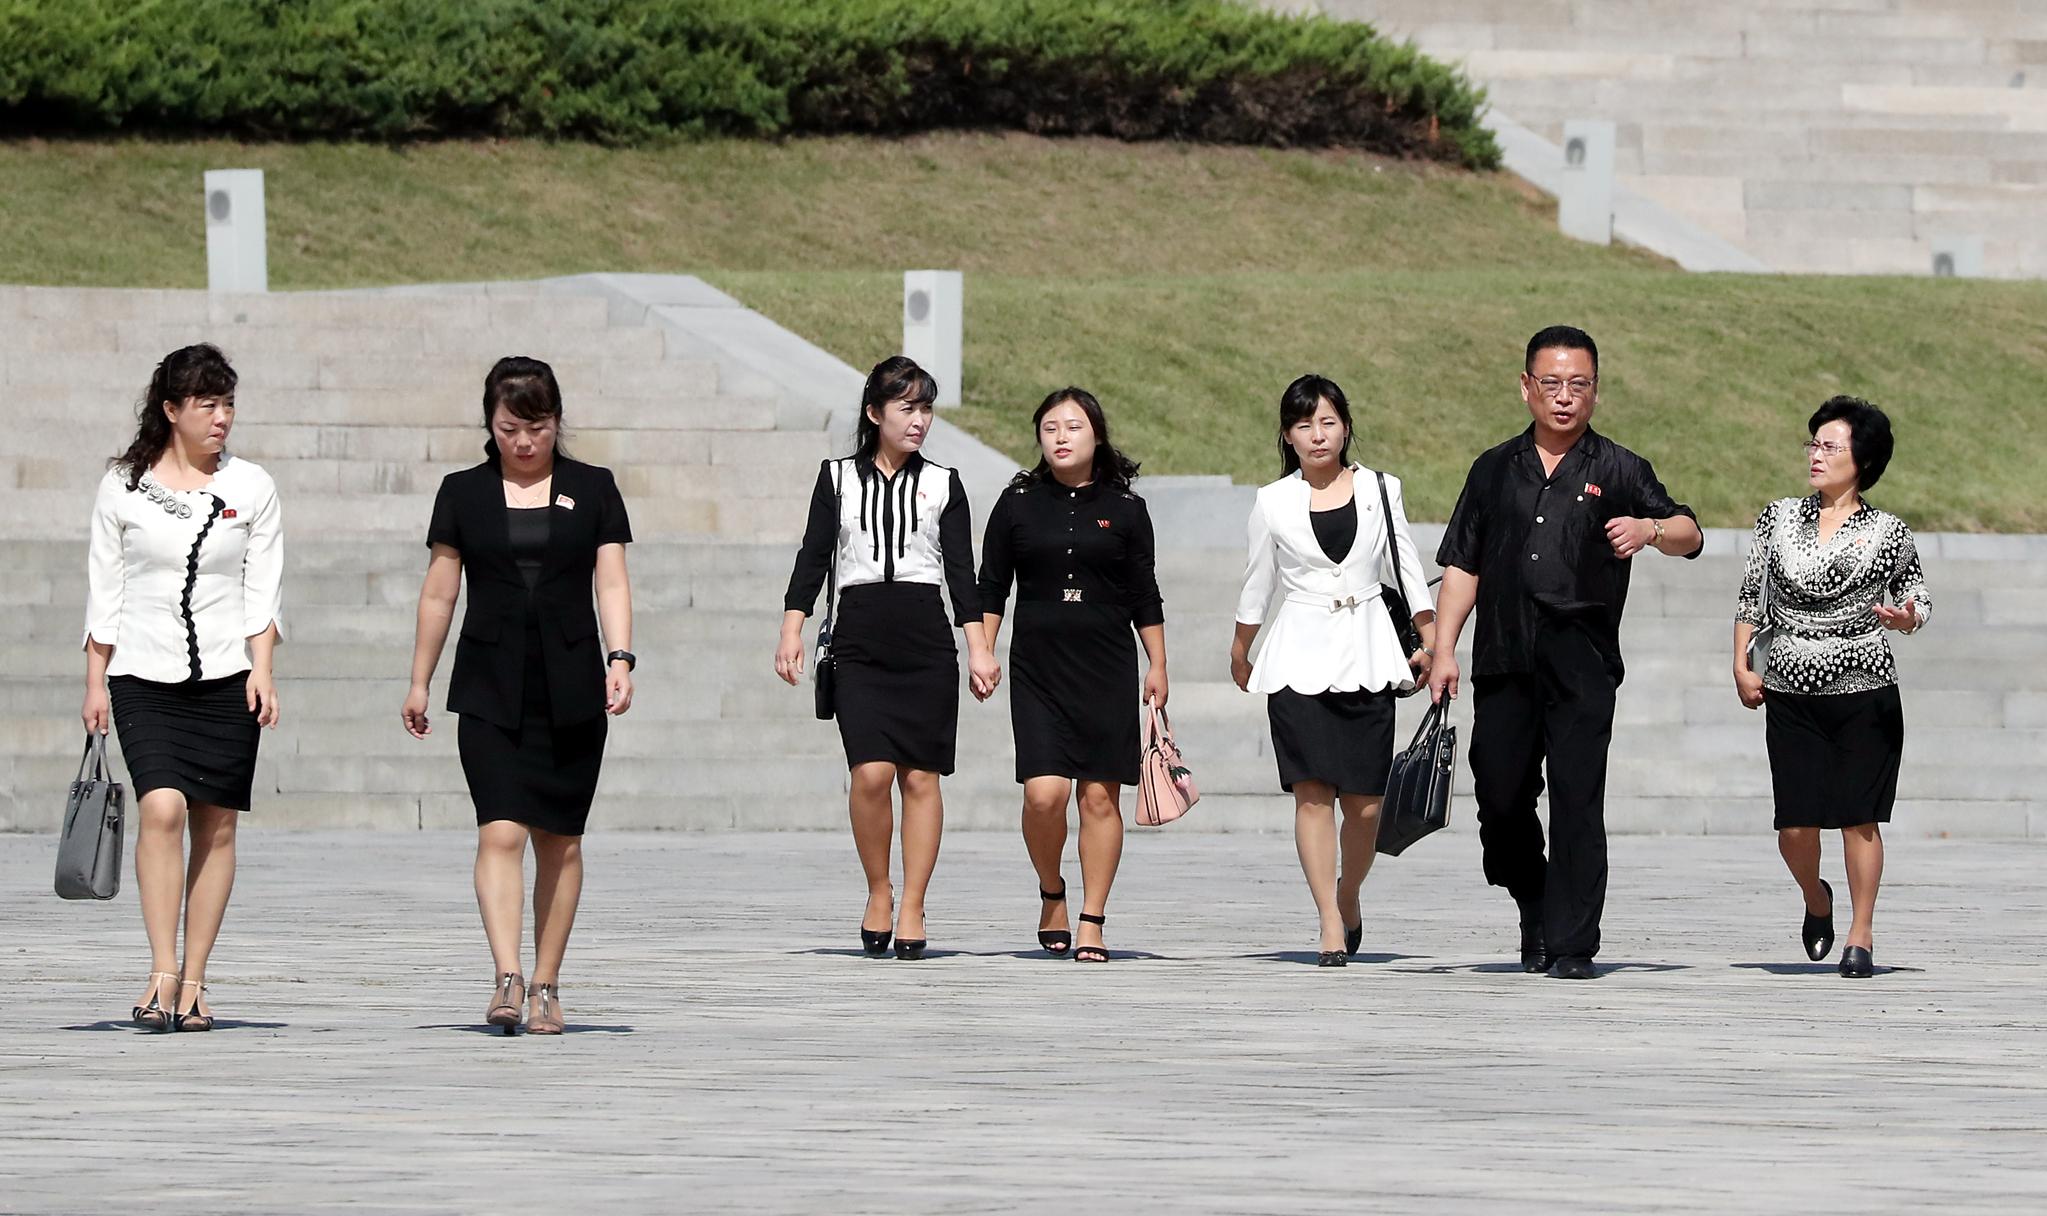 비슷한 옷차림을 한 평양시민들의 모습. 평양사진공동취재단